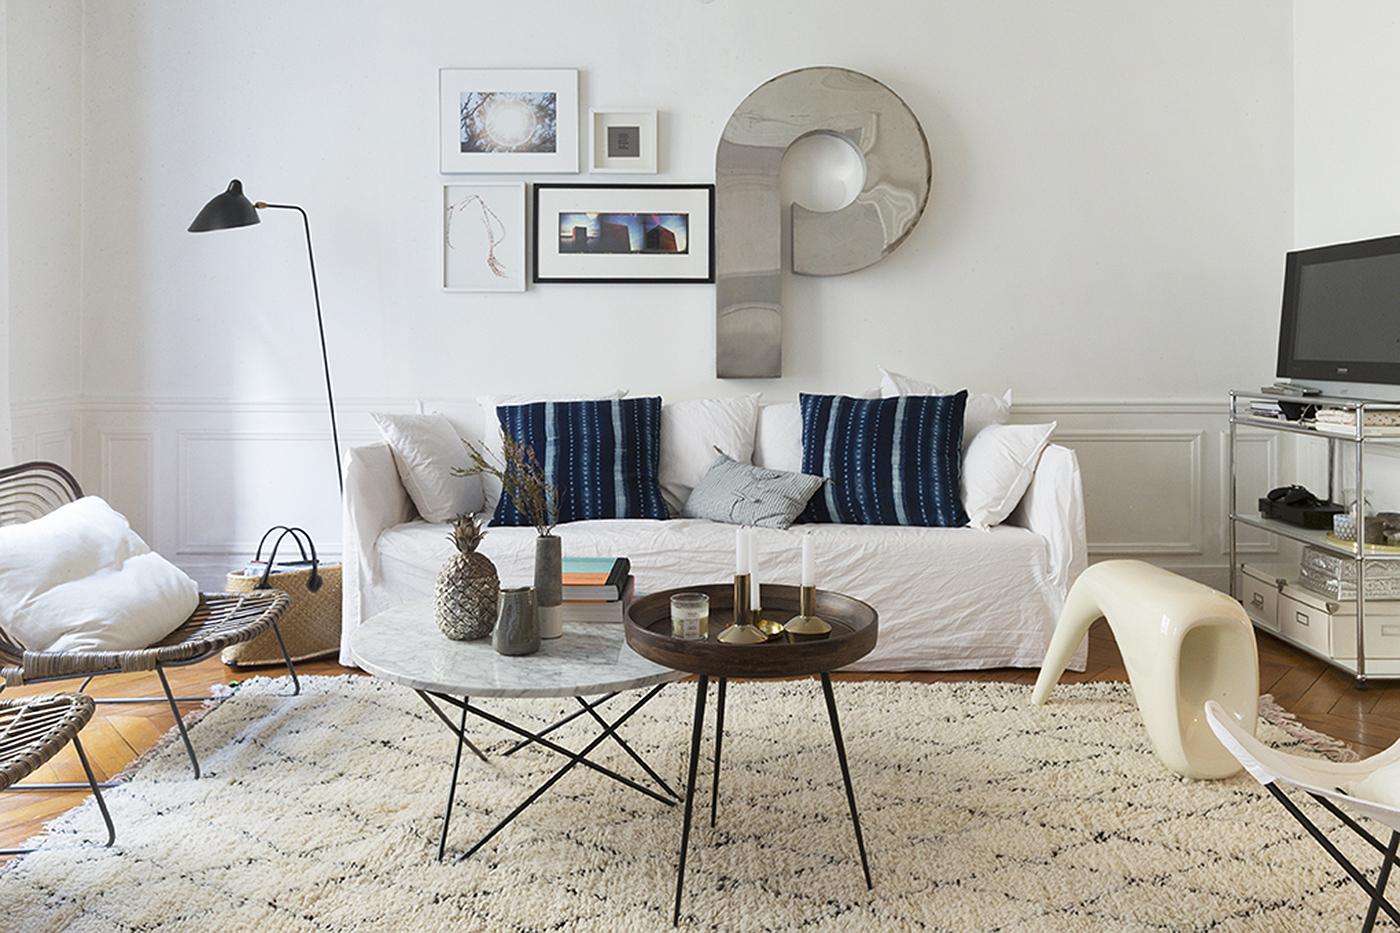 Stylisme pour les tapis secret berb re marion alberge d coratrice d 39 i - Tapis graphique noir et blanc ...